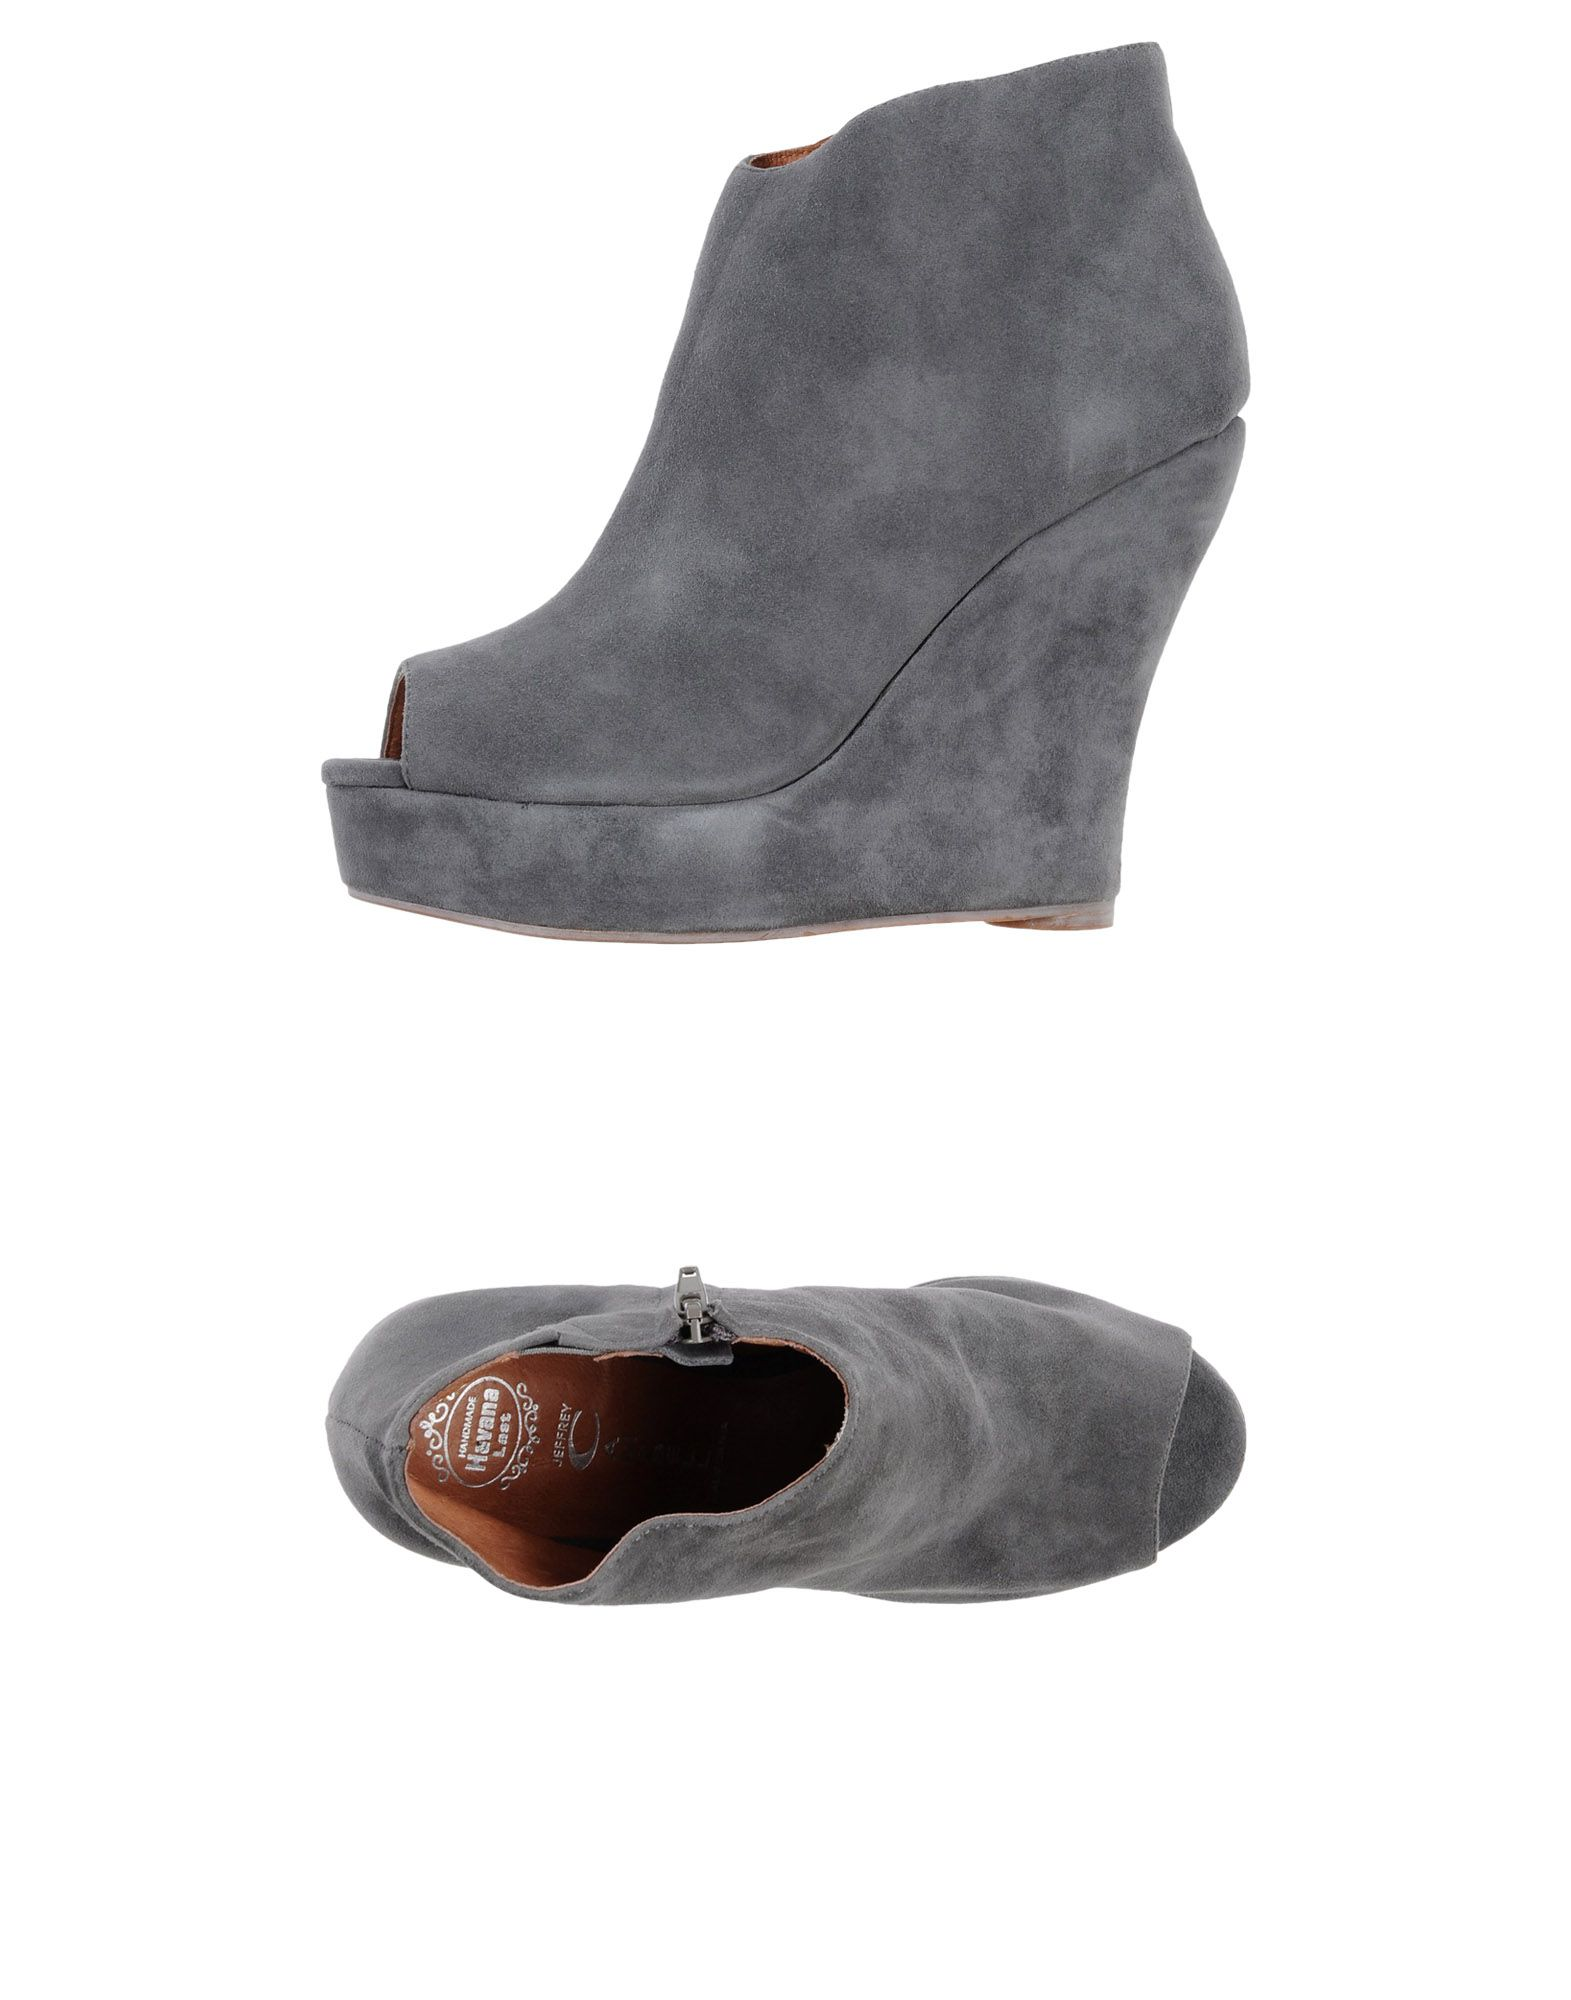 Jeffrey Campbell Stiefelette Damen beliebte  11133959VO Gute Qualität beliebte Damen Schuhe b62def